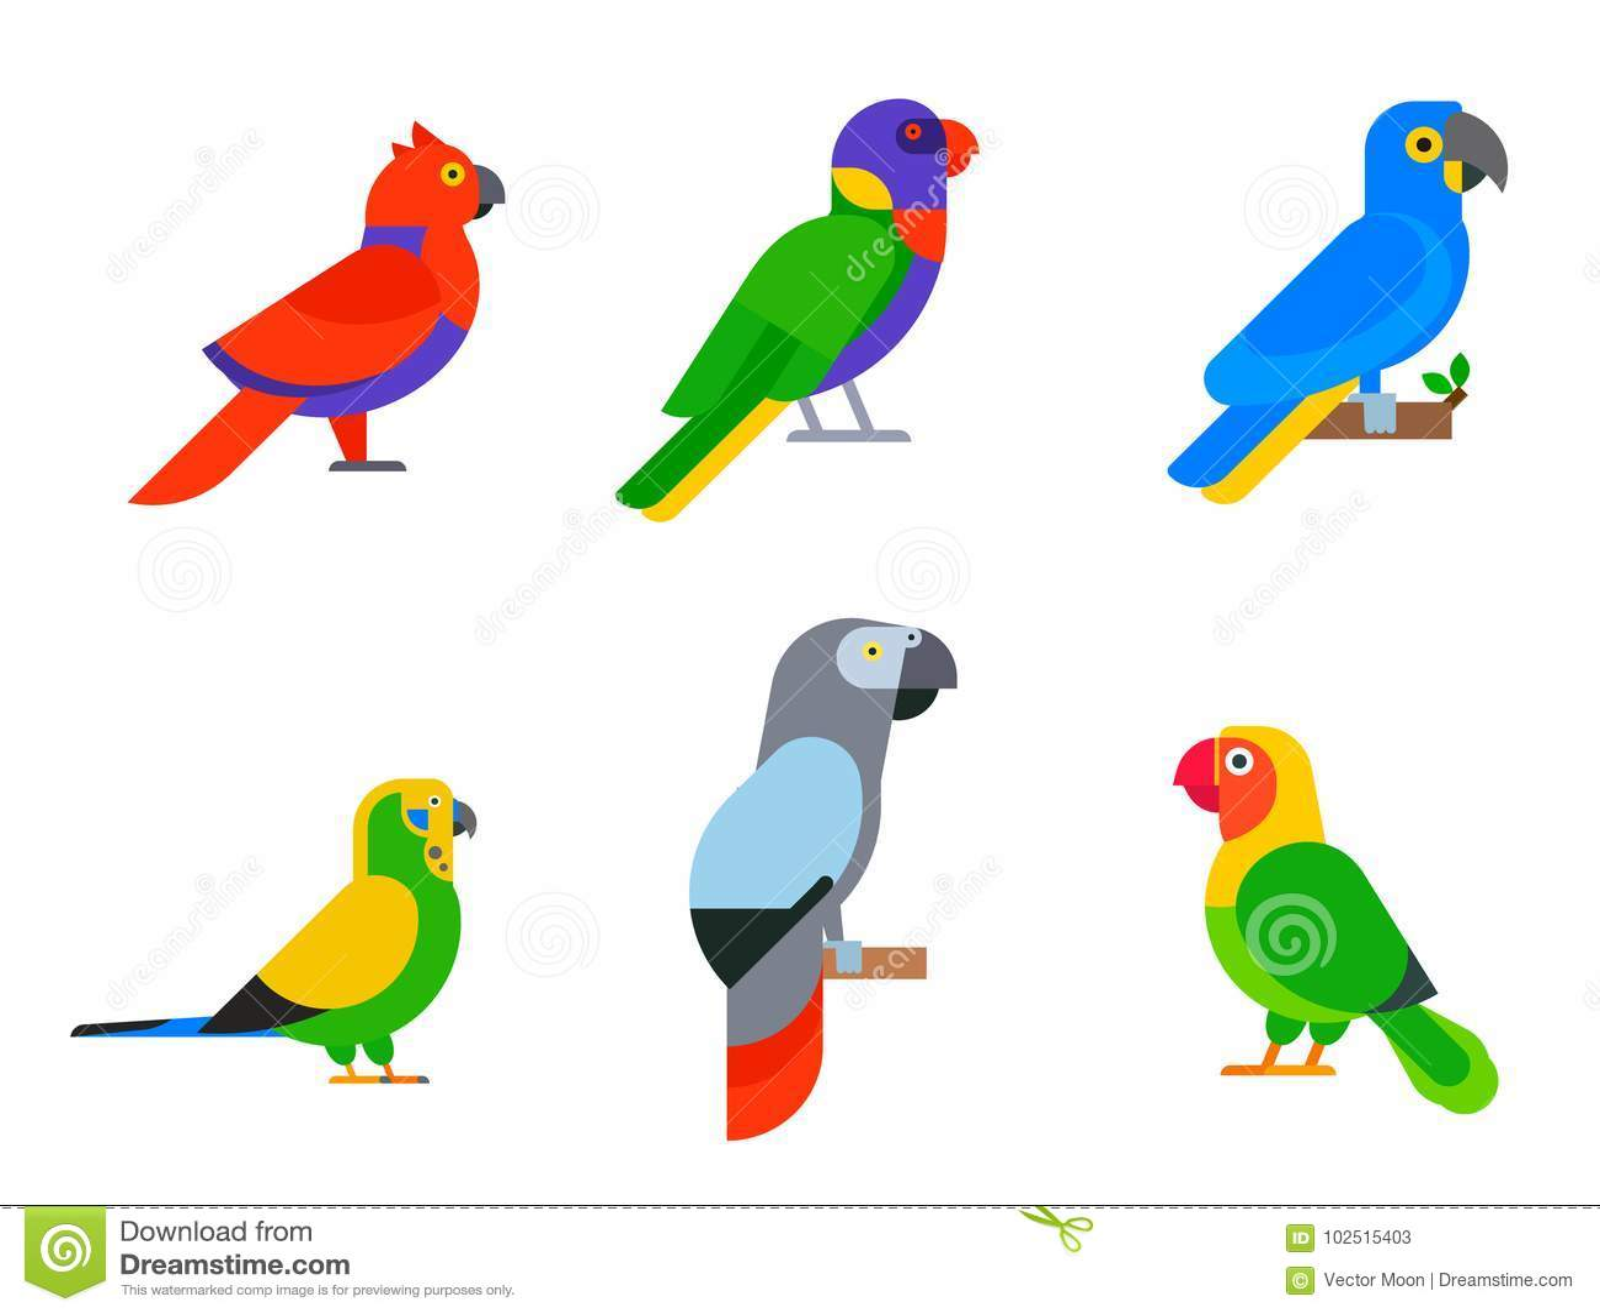 Птицы попугаев разводят длиннохвостые попугаев животной природы вида тропические